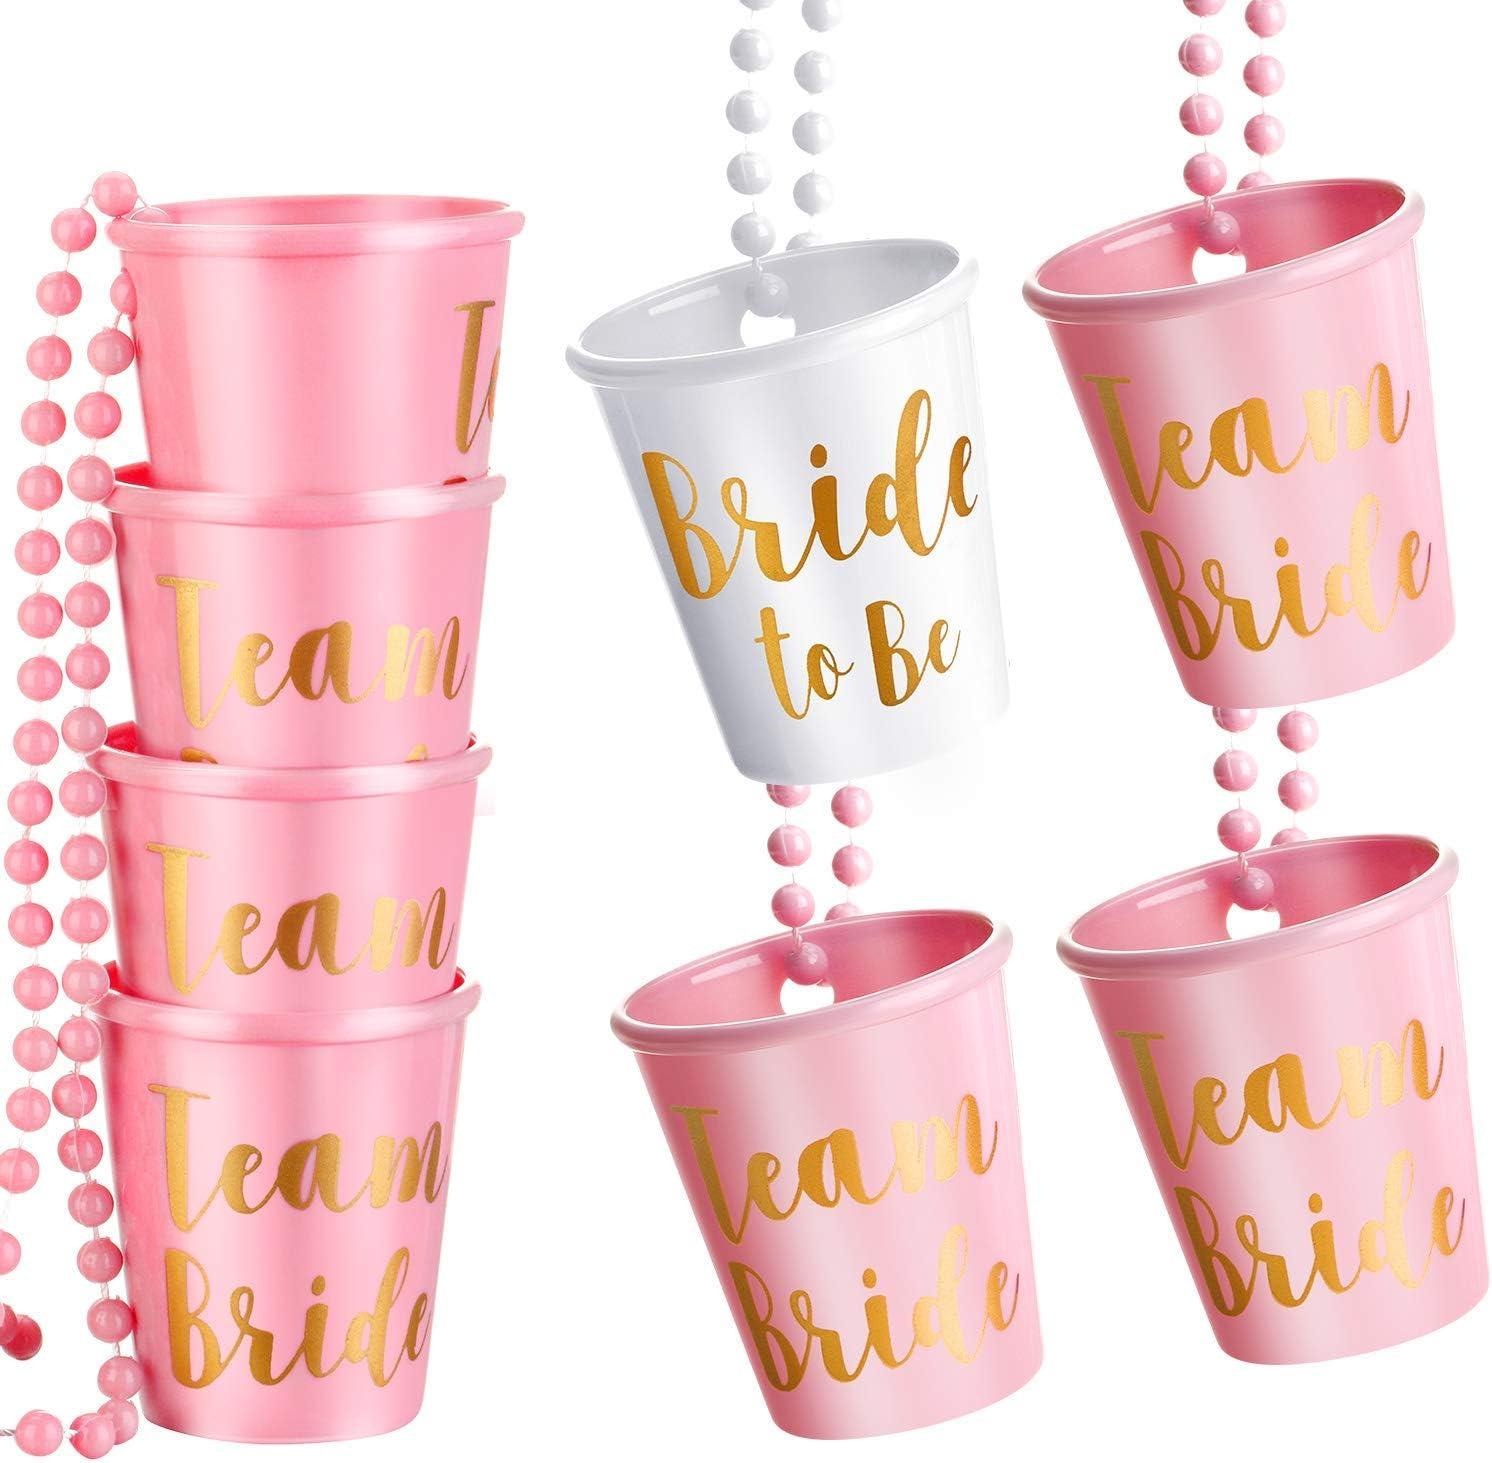 8 Piezas Team Bride and Bride To Be Collar de Cristal Chupito Nupcial con Cuentas Plástico Rosa Rojo/Rosa y Blanco con Oro Frustrar para Despedida de Soltera Fiesta Collar de Fiesta Nupcial (Rosa)